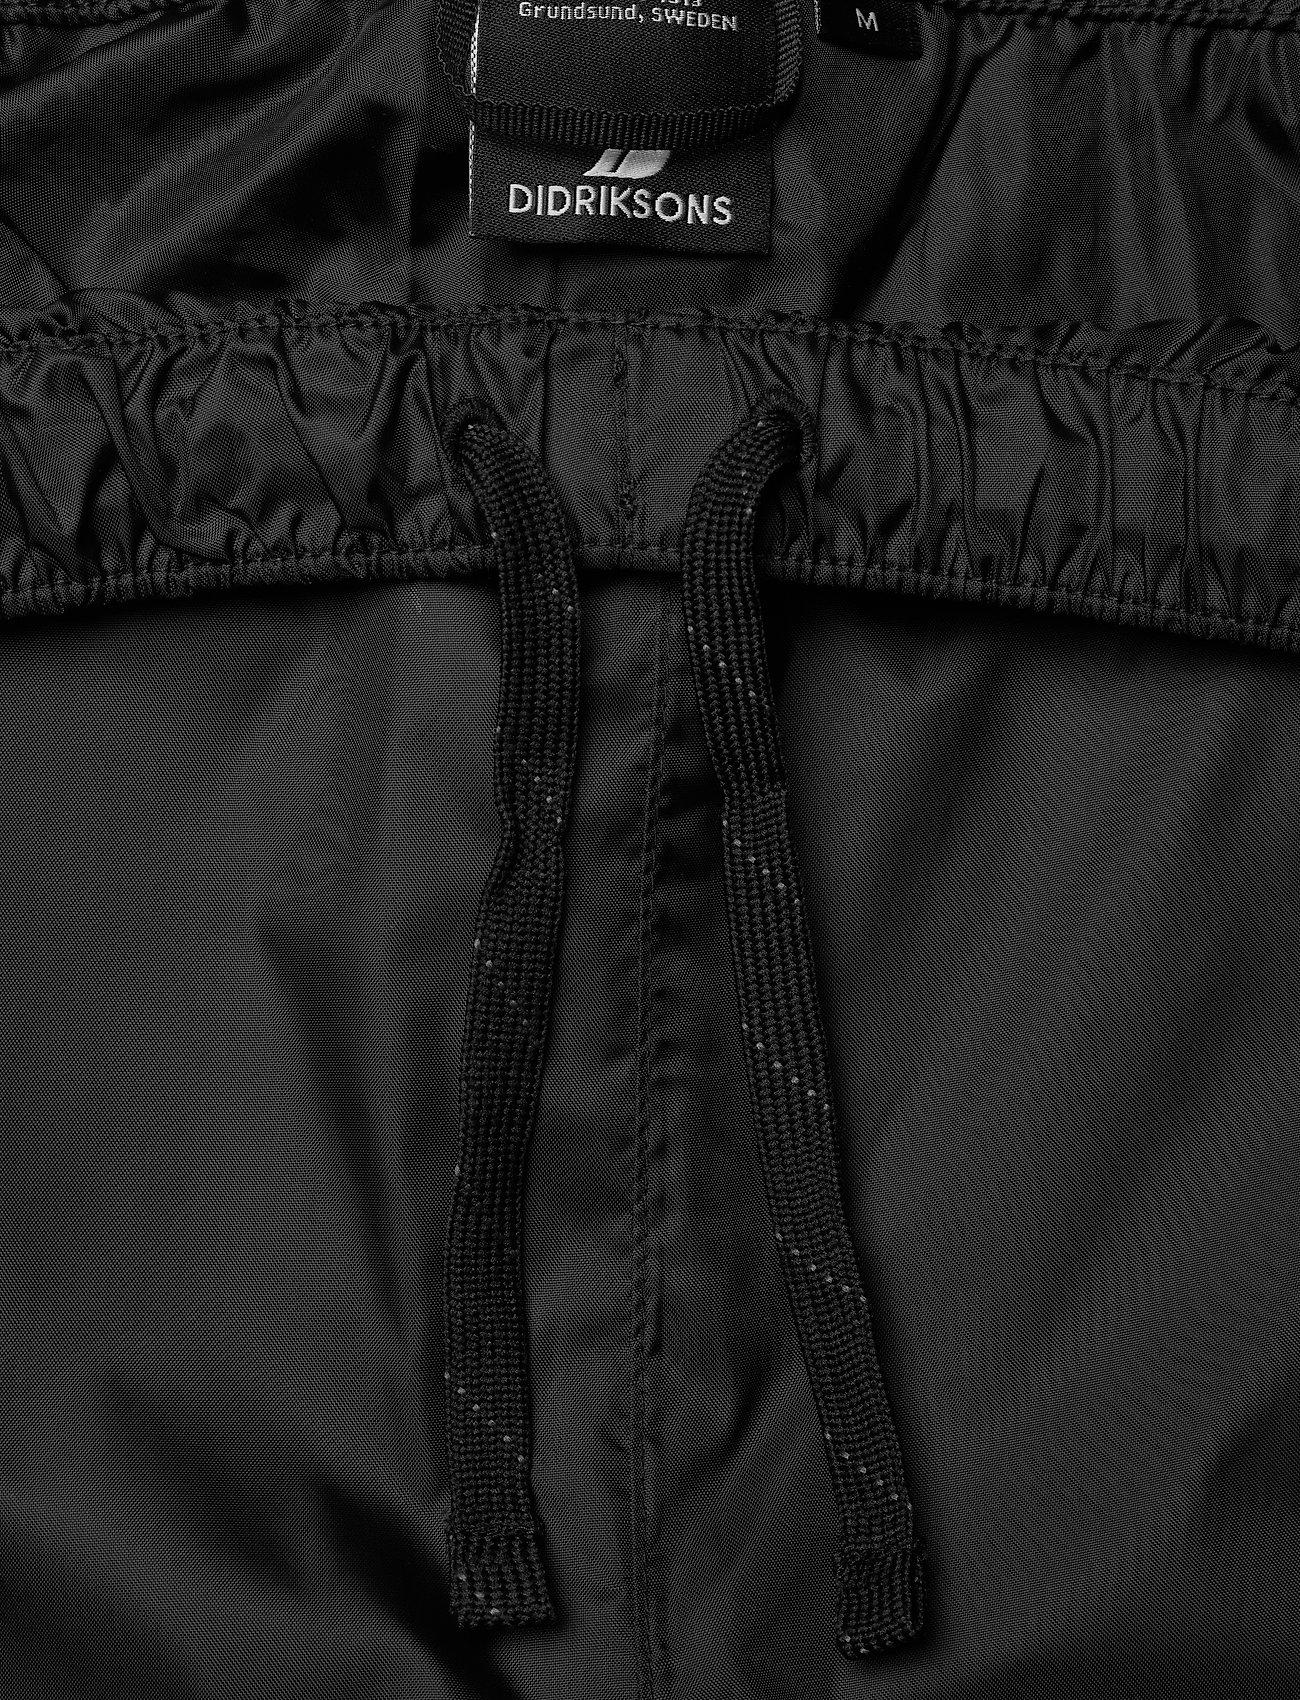 Didriksons - AMUR USX SET - manteaux de pluie - black - 8